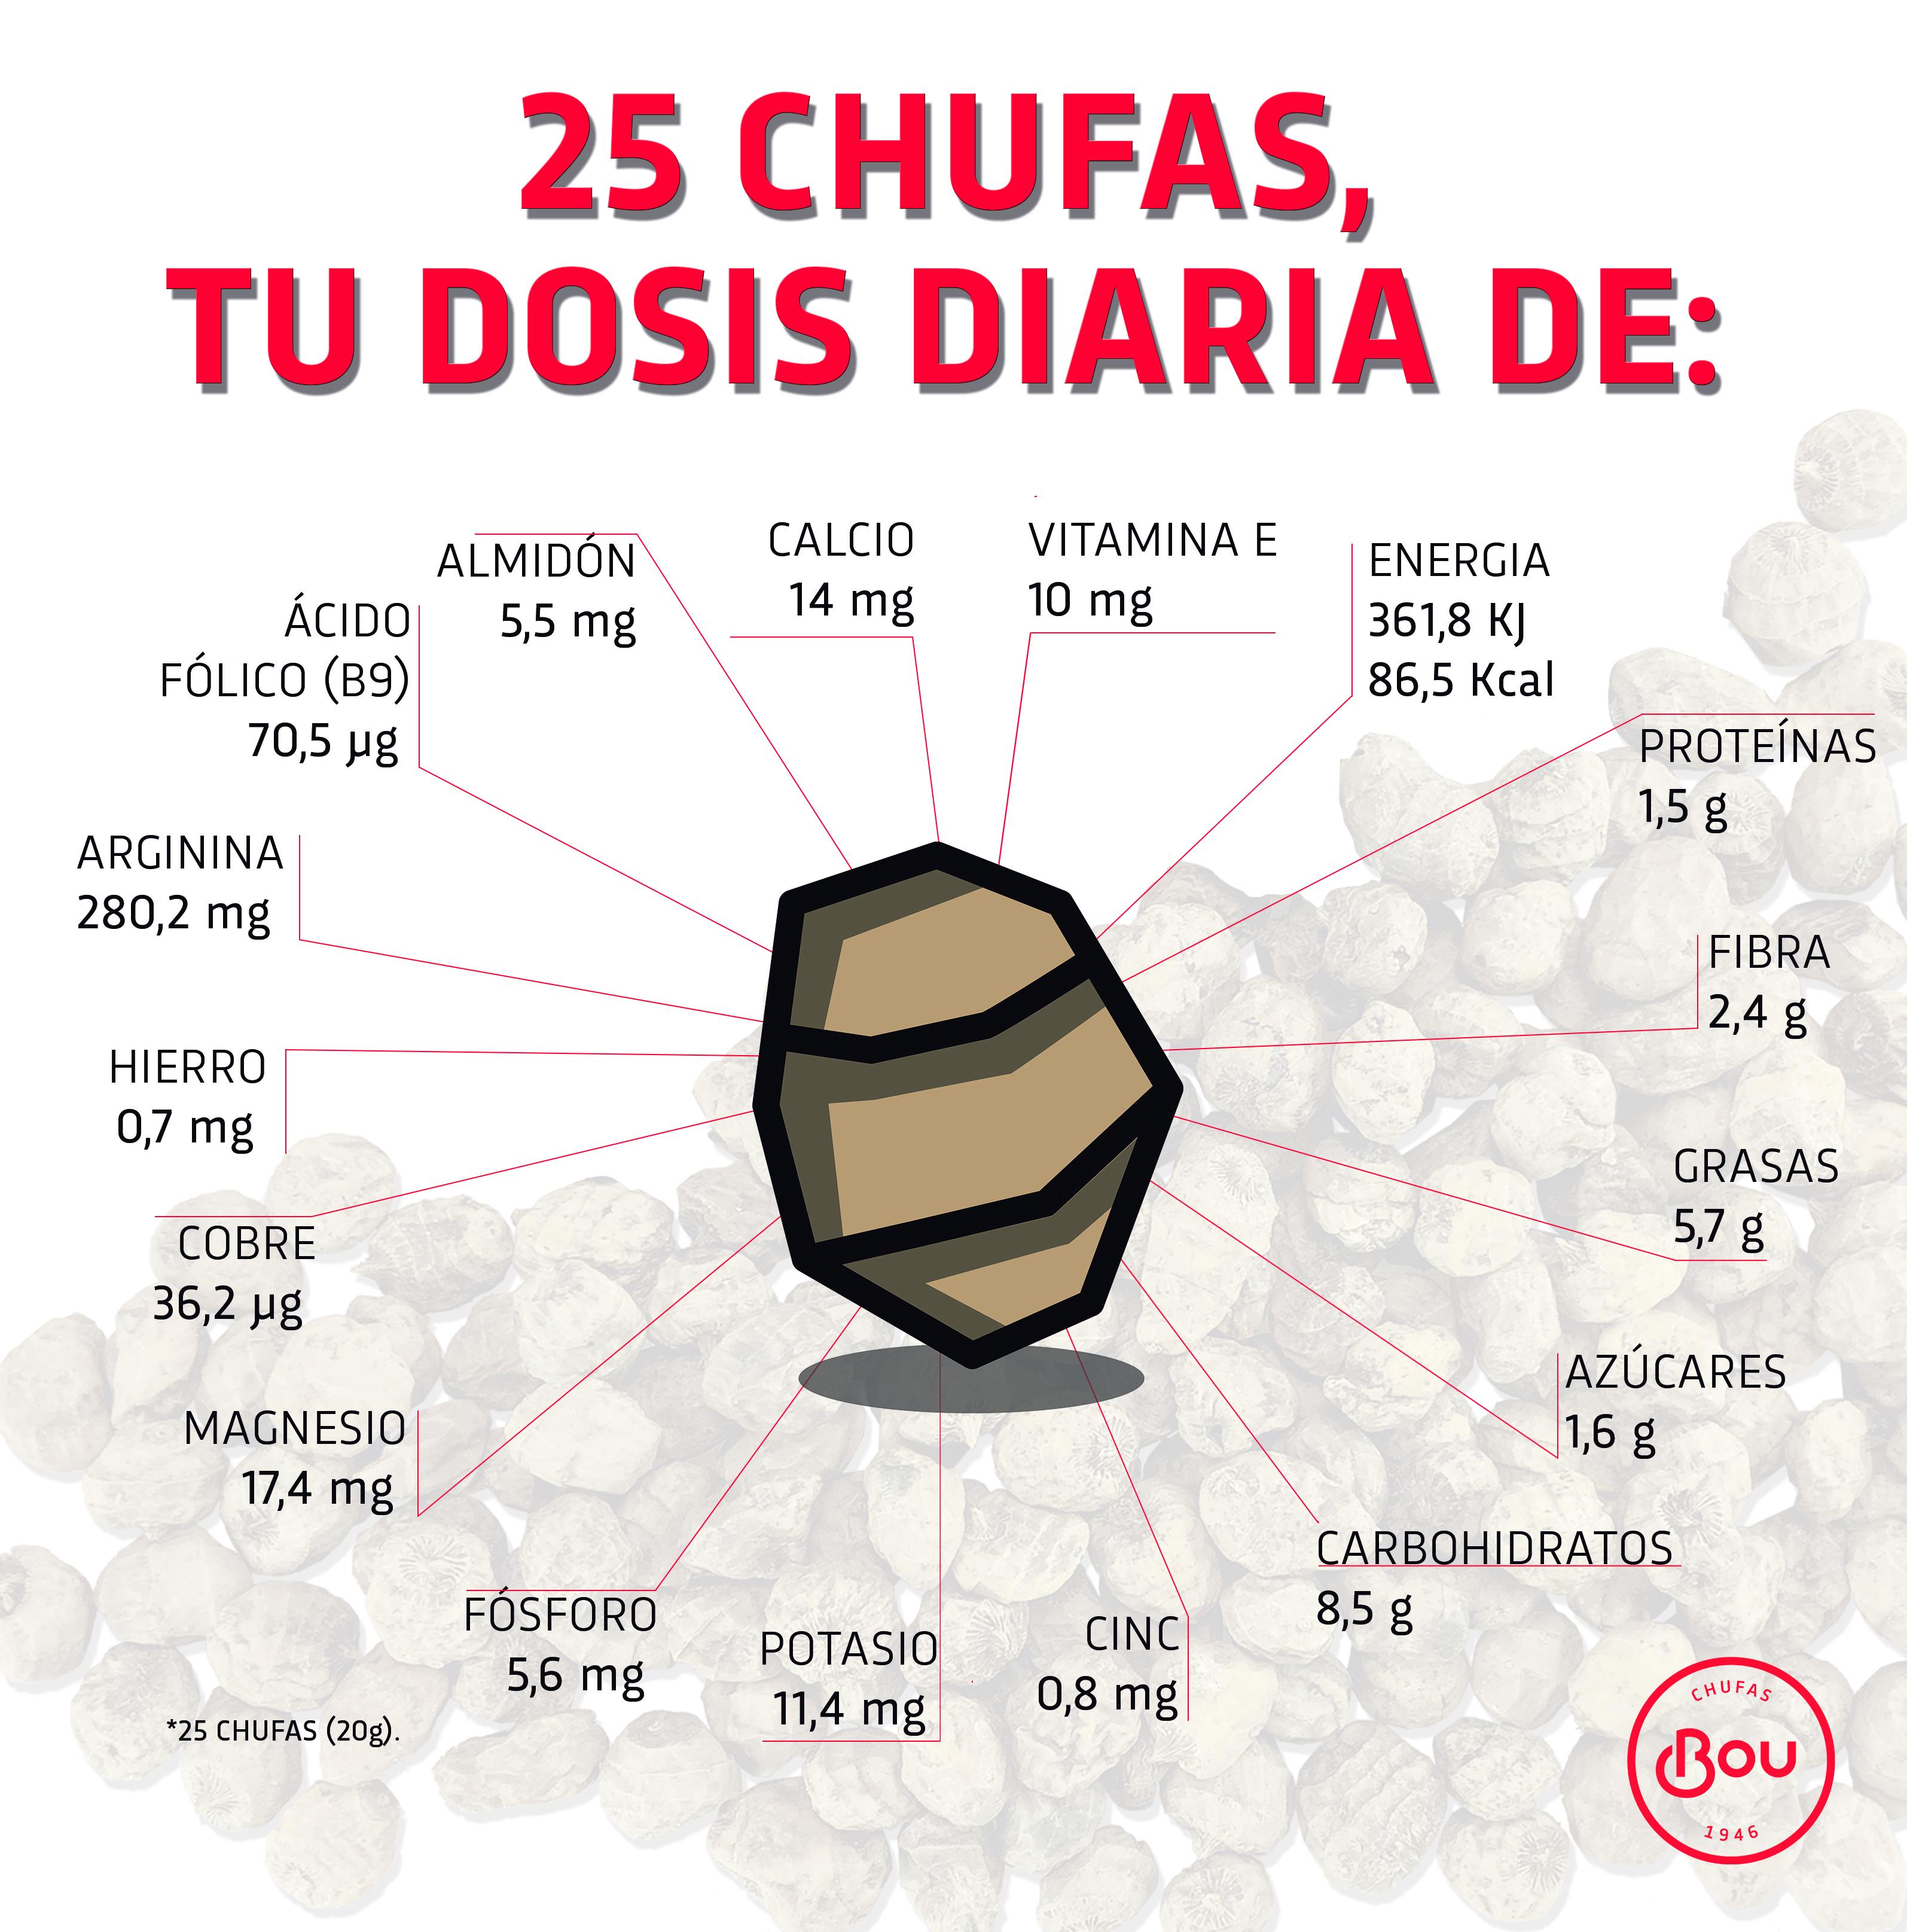 dosis diaria de calorías de chufa ecológica